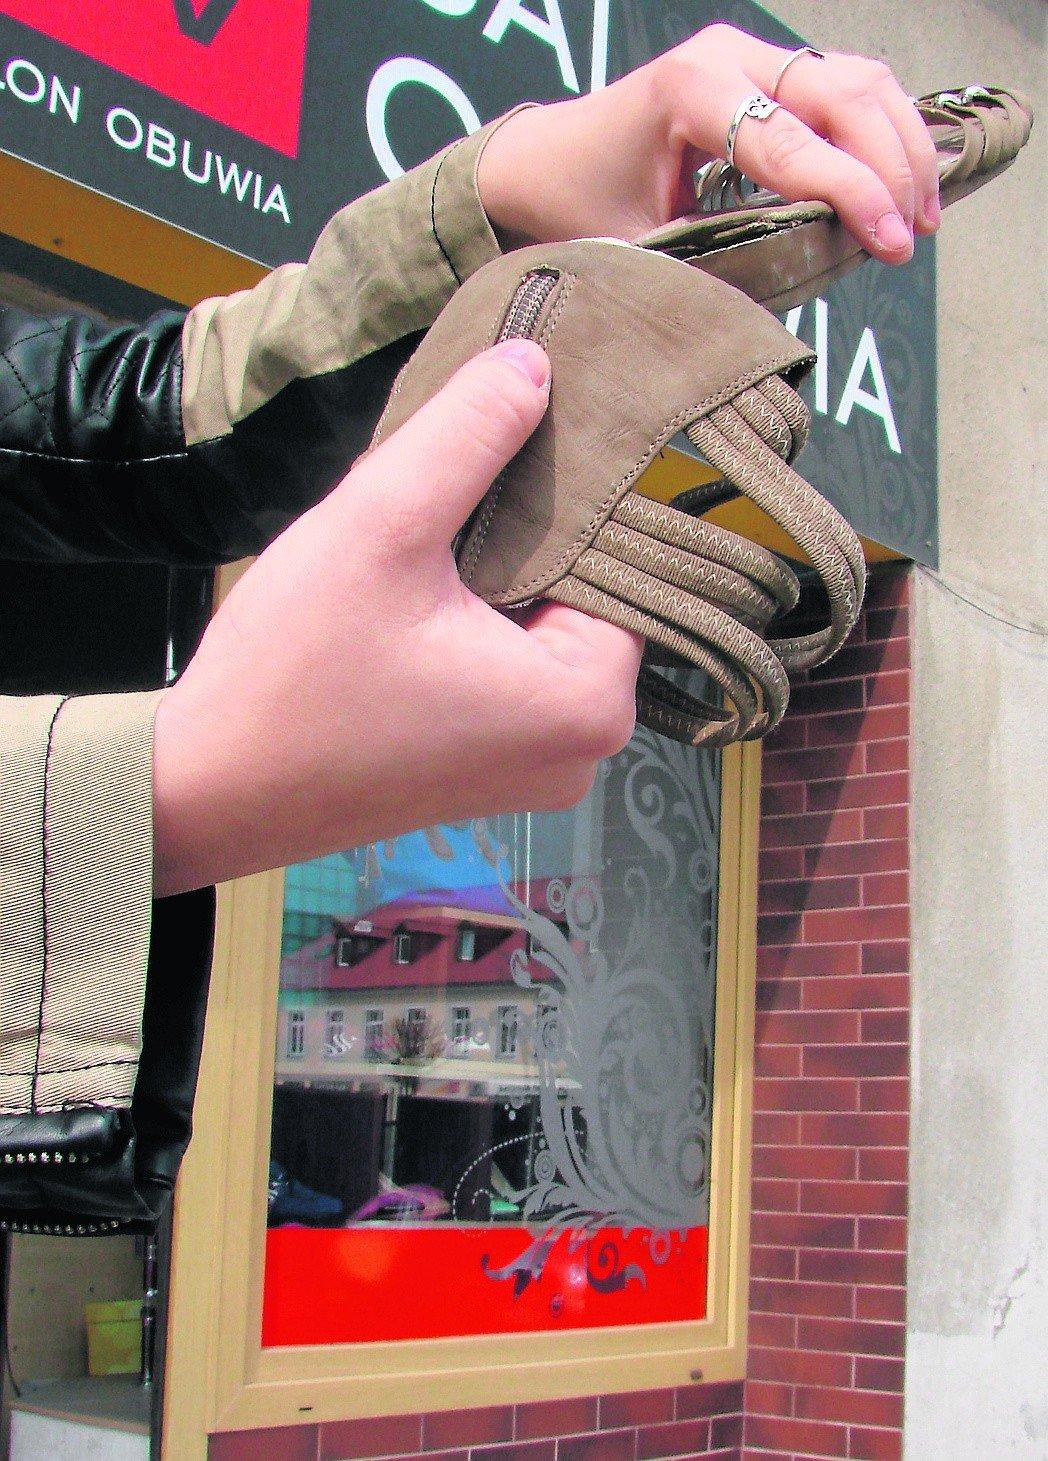 Kolejne buty rozpadły się, a sklep umywa ręce | Gazeta Krakowska